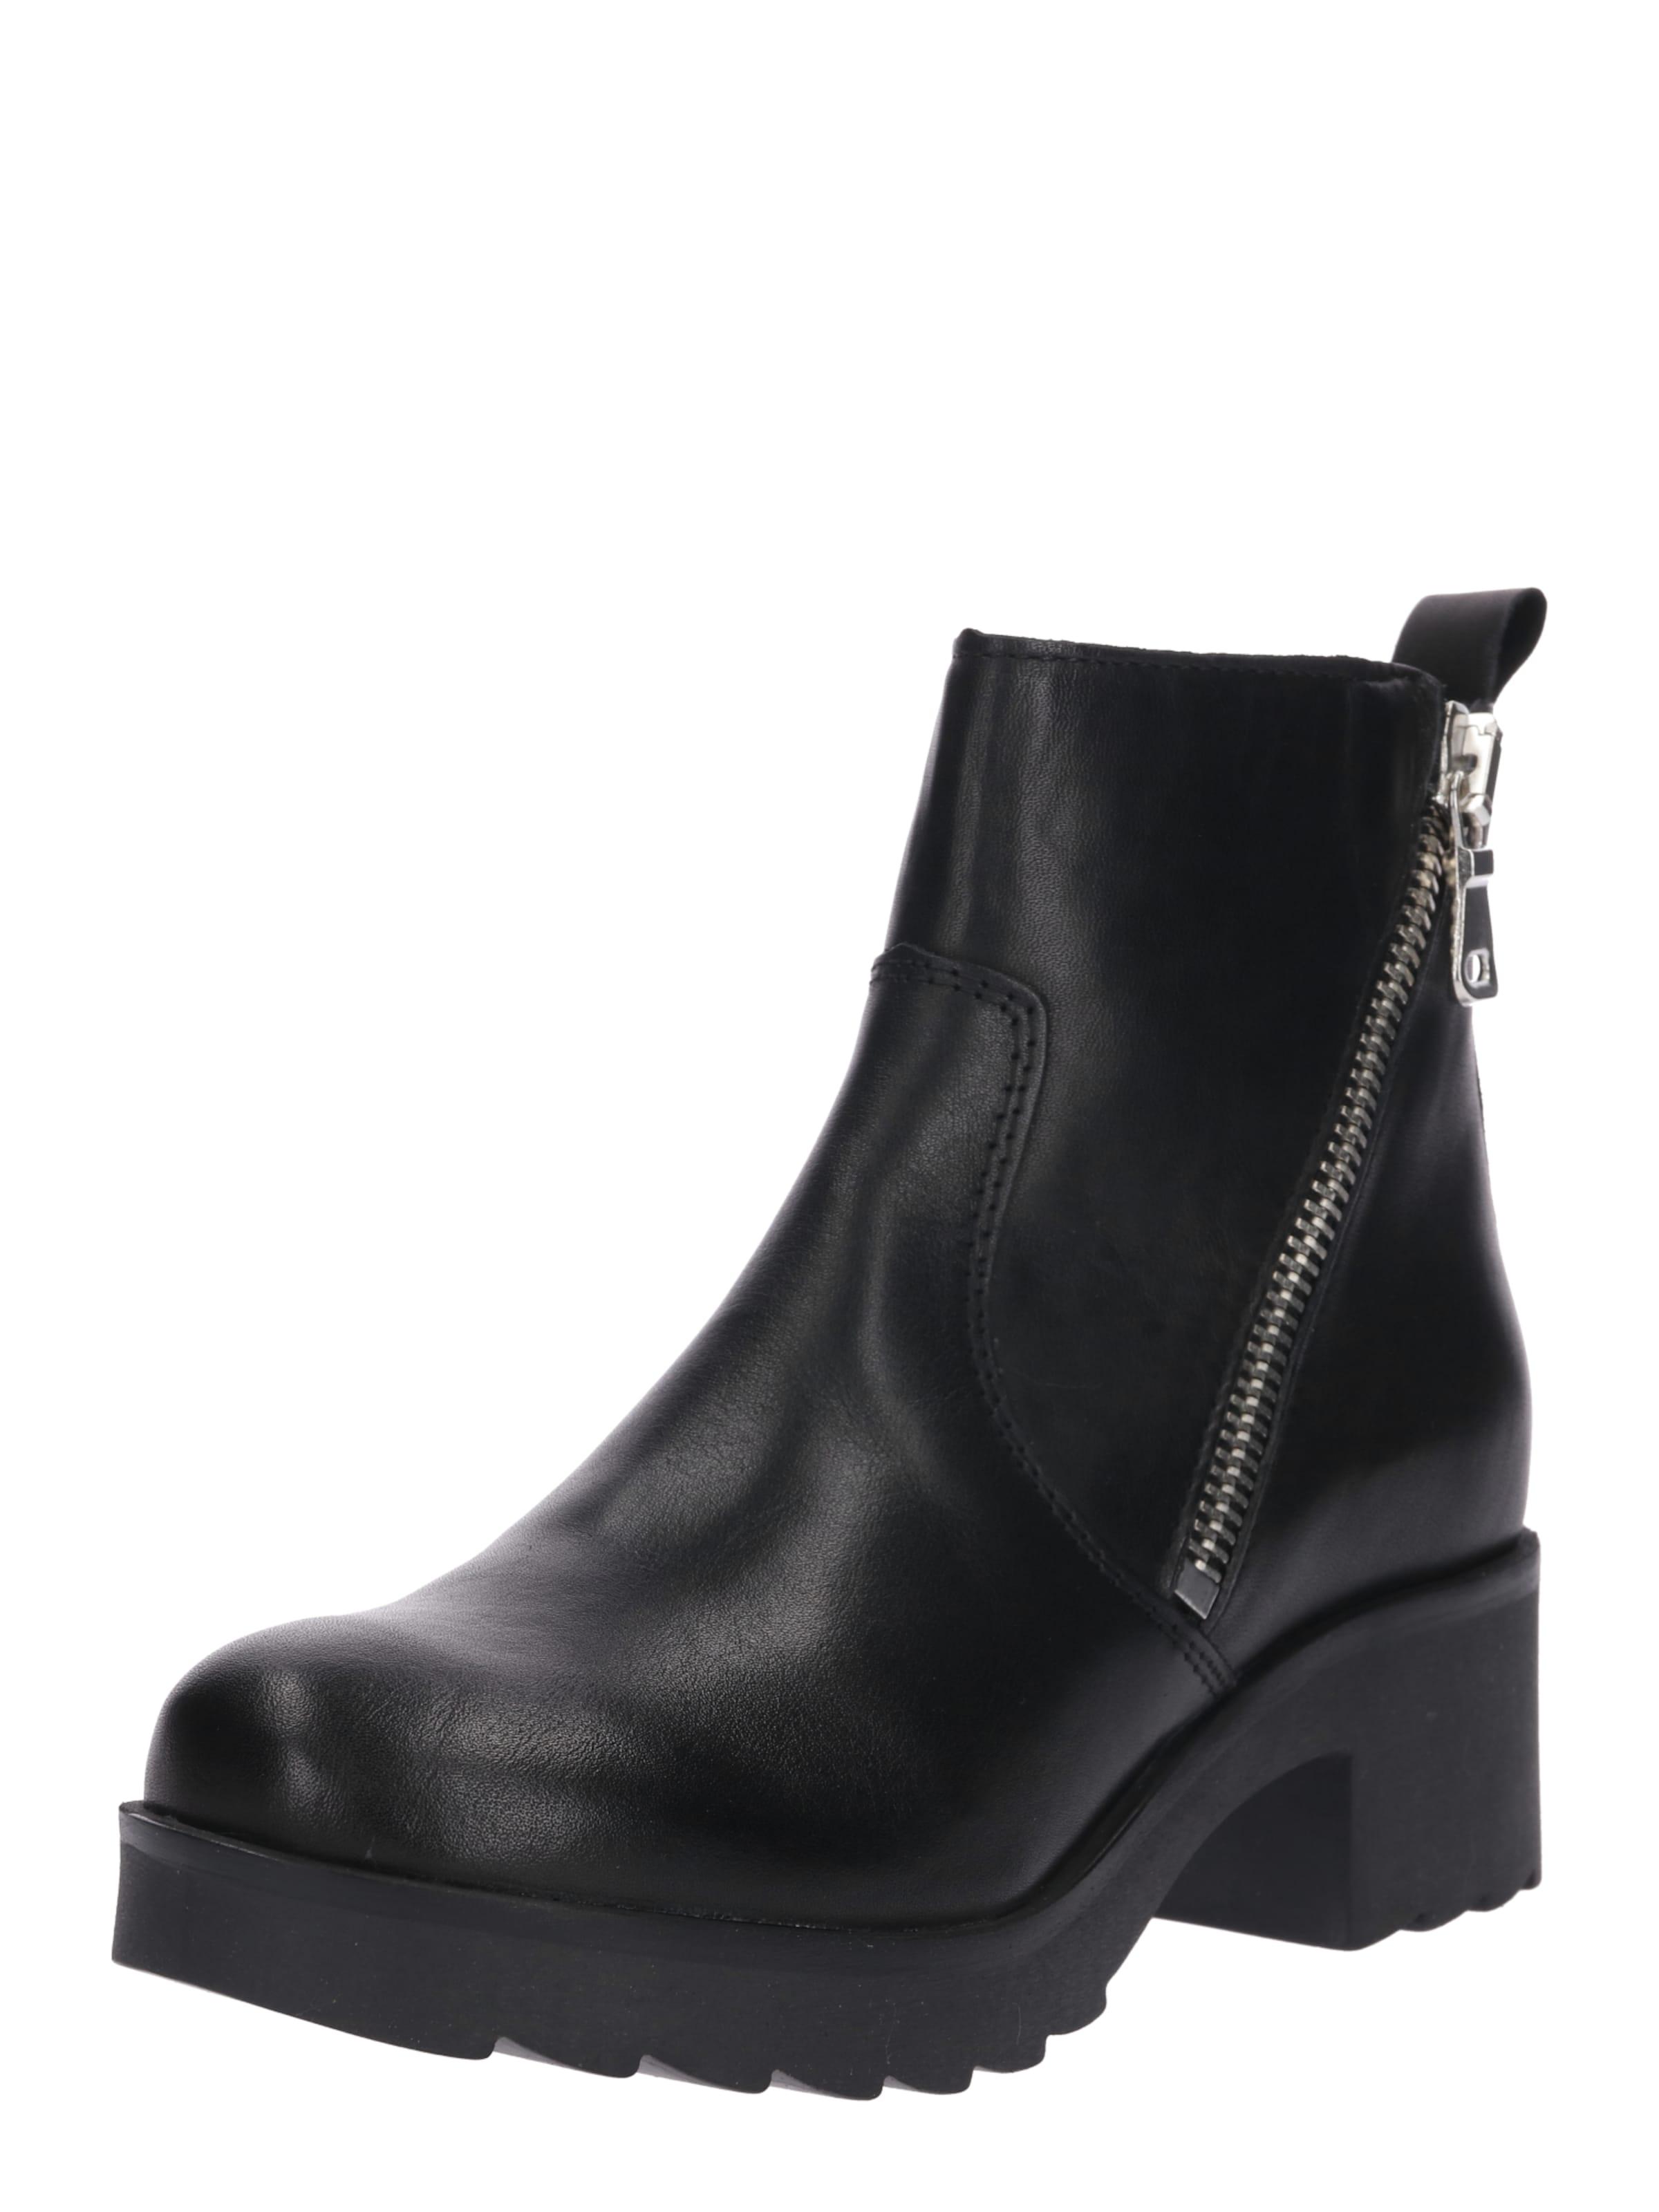 Zign Stiefelette 14285-AG763 Verschleißfeste billige Schuhe